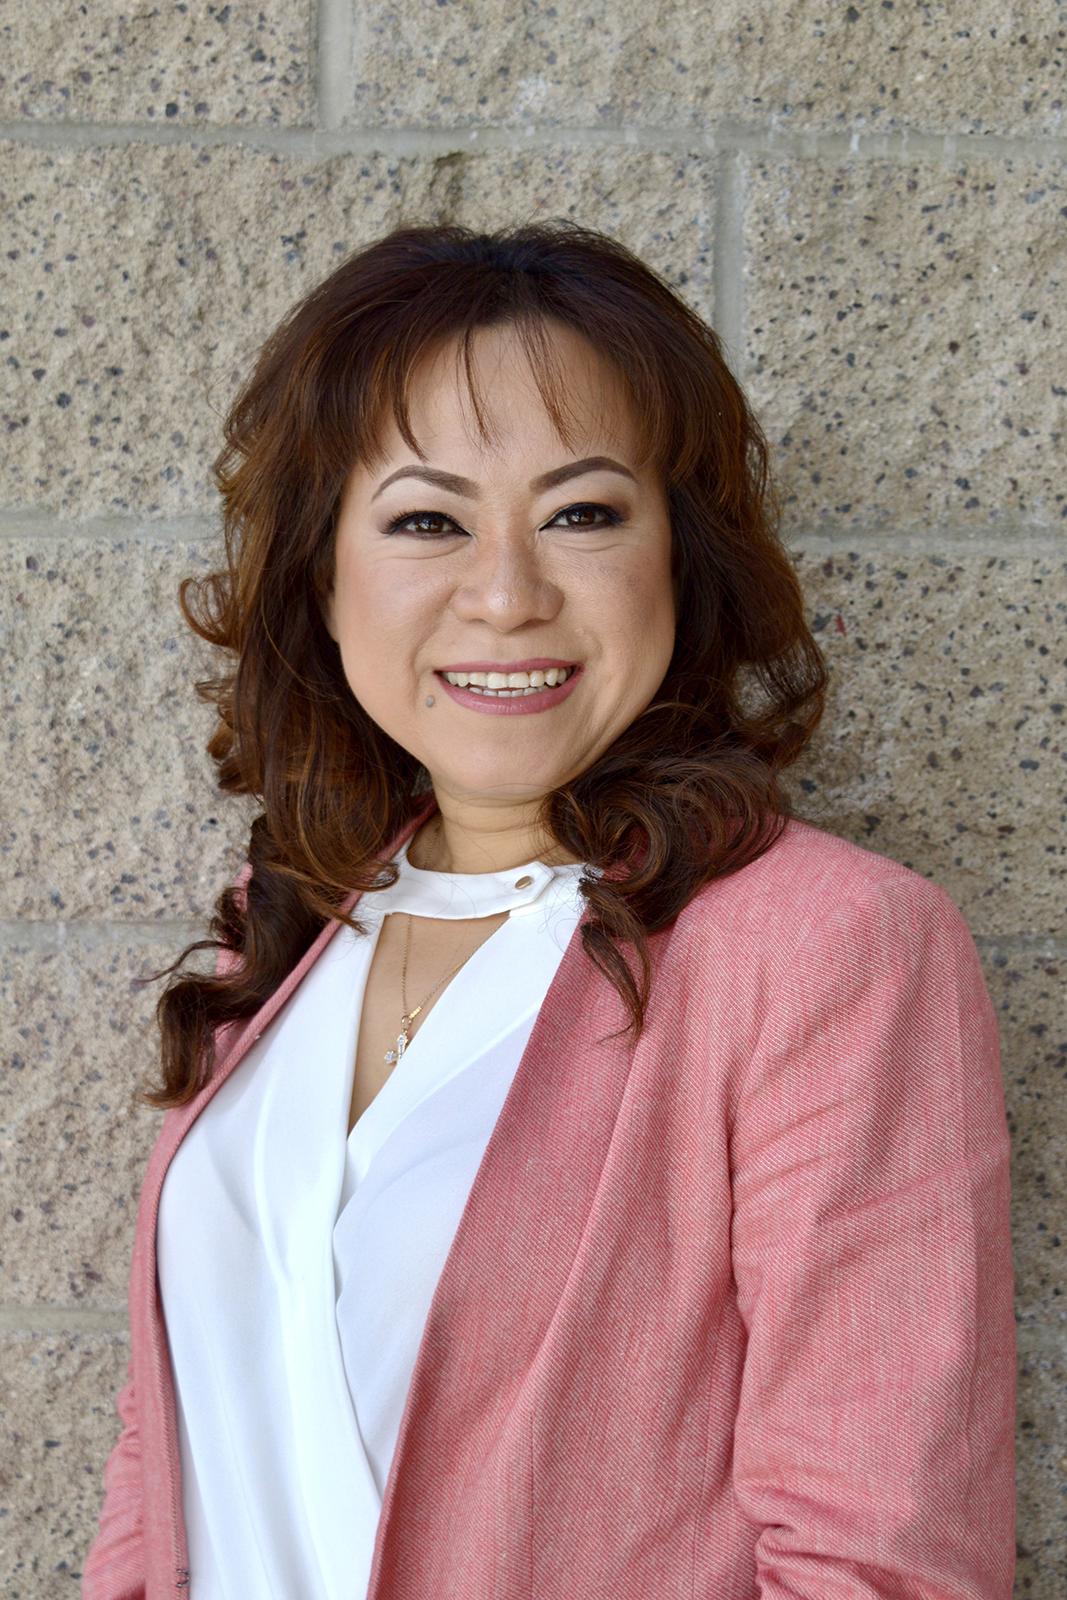 Gwen Tran